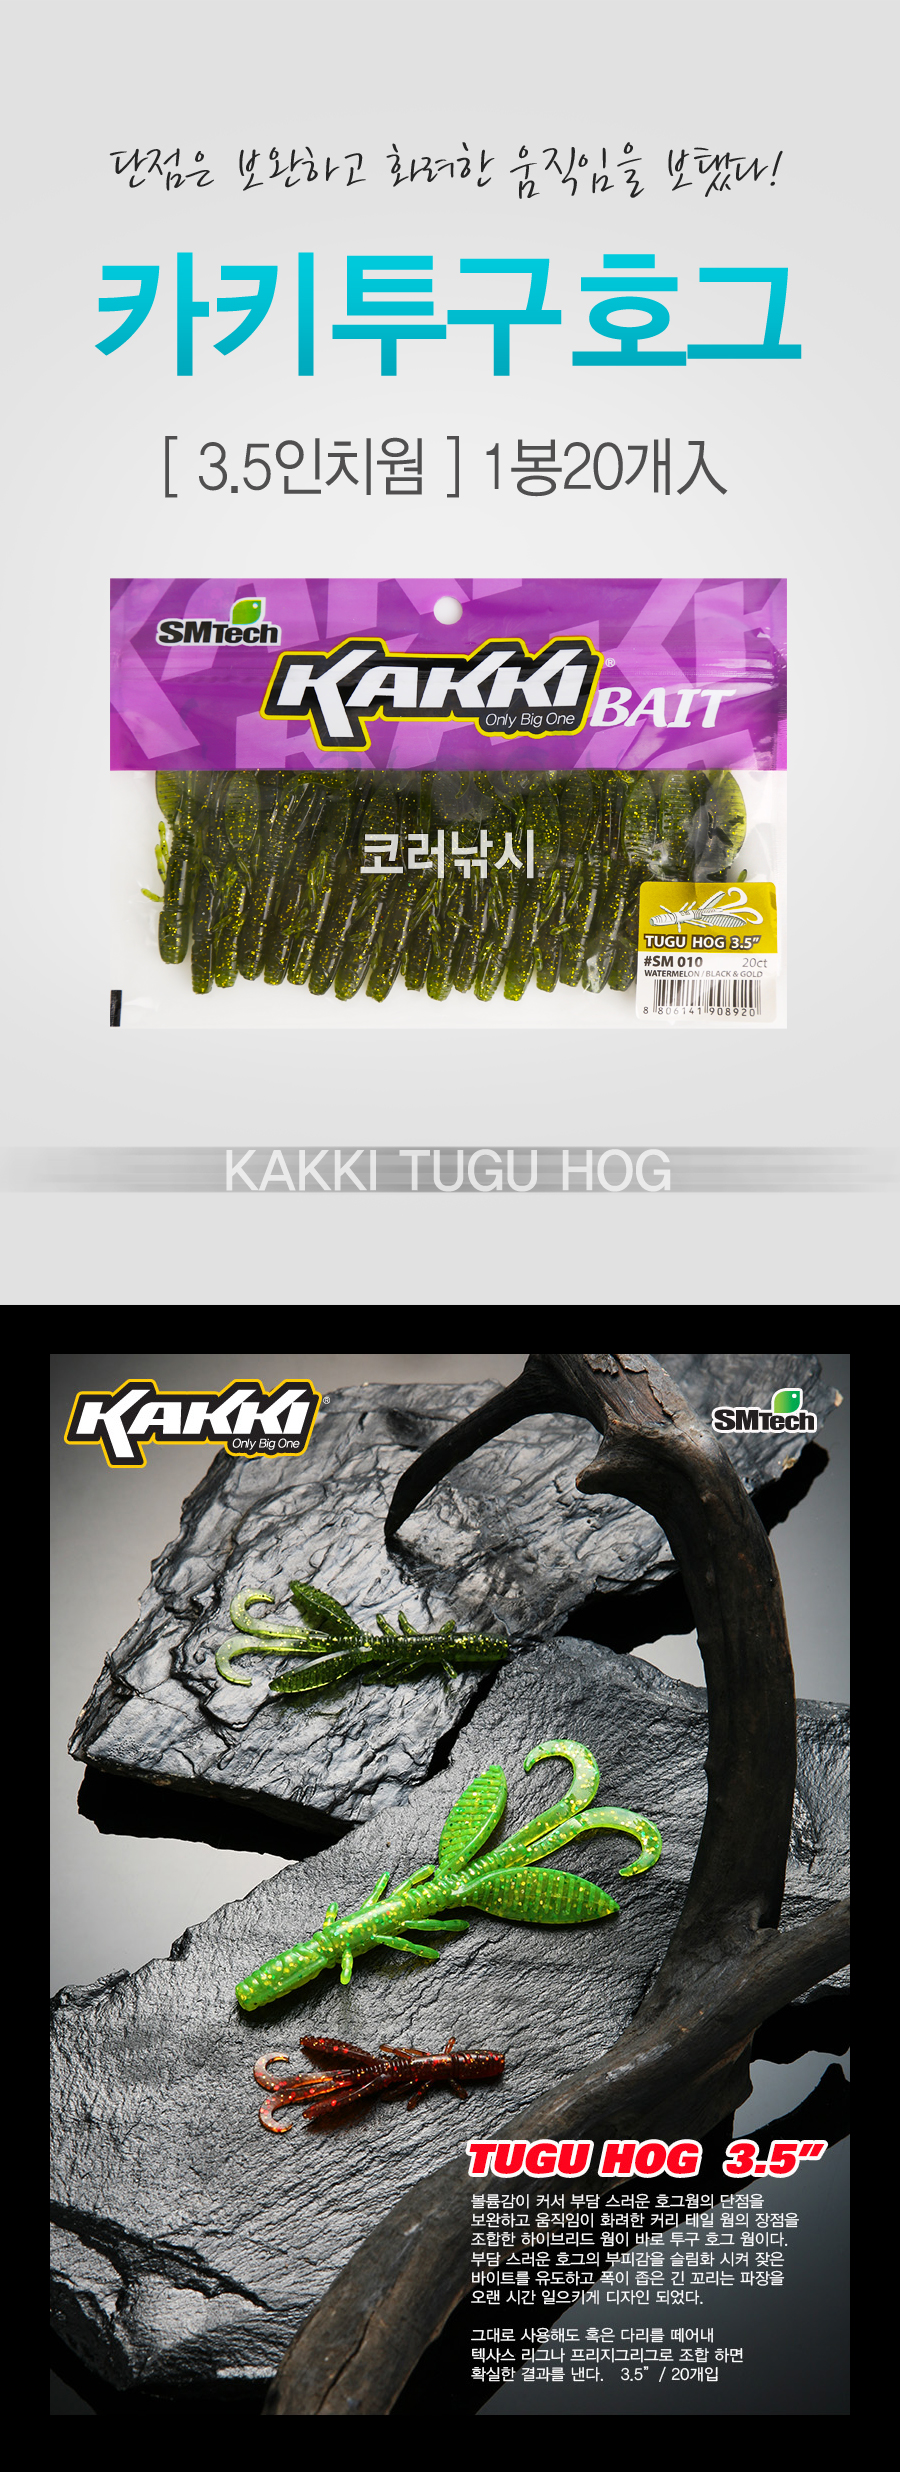 카키 투구 호그  [3.5인치웜] KAKKI TUGU HOG 하드락웜 웜 배스웜 호그웜 플랫피싱웜 하드락피싱 플랫피싱